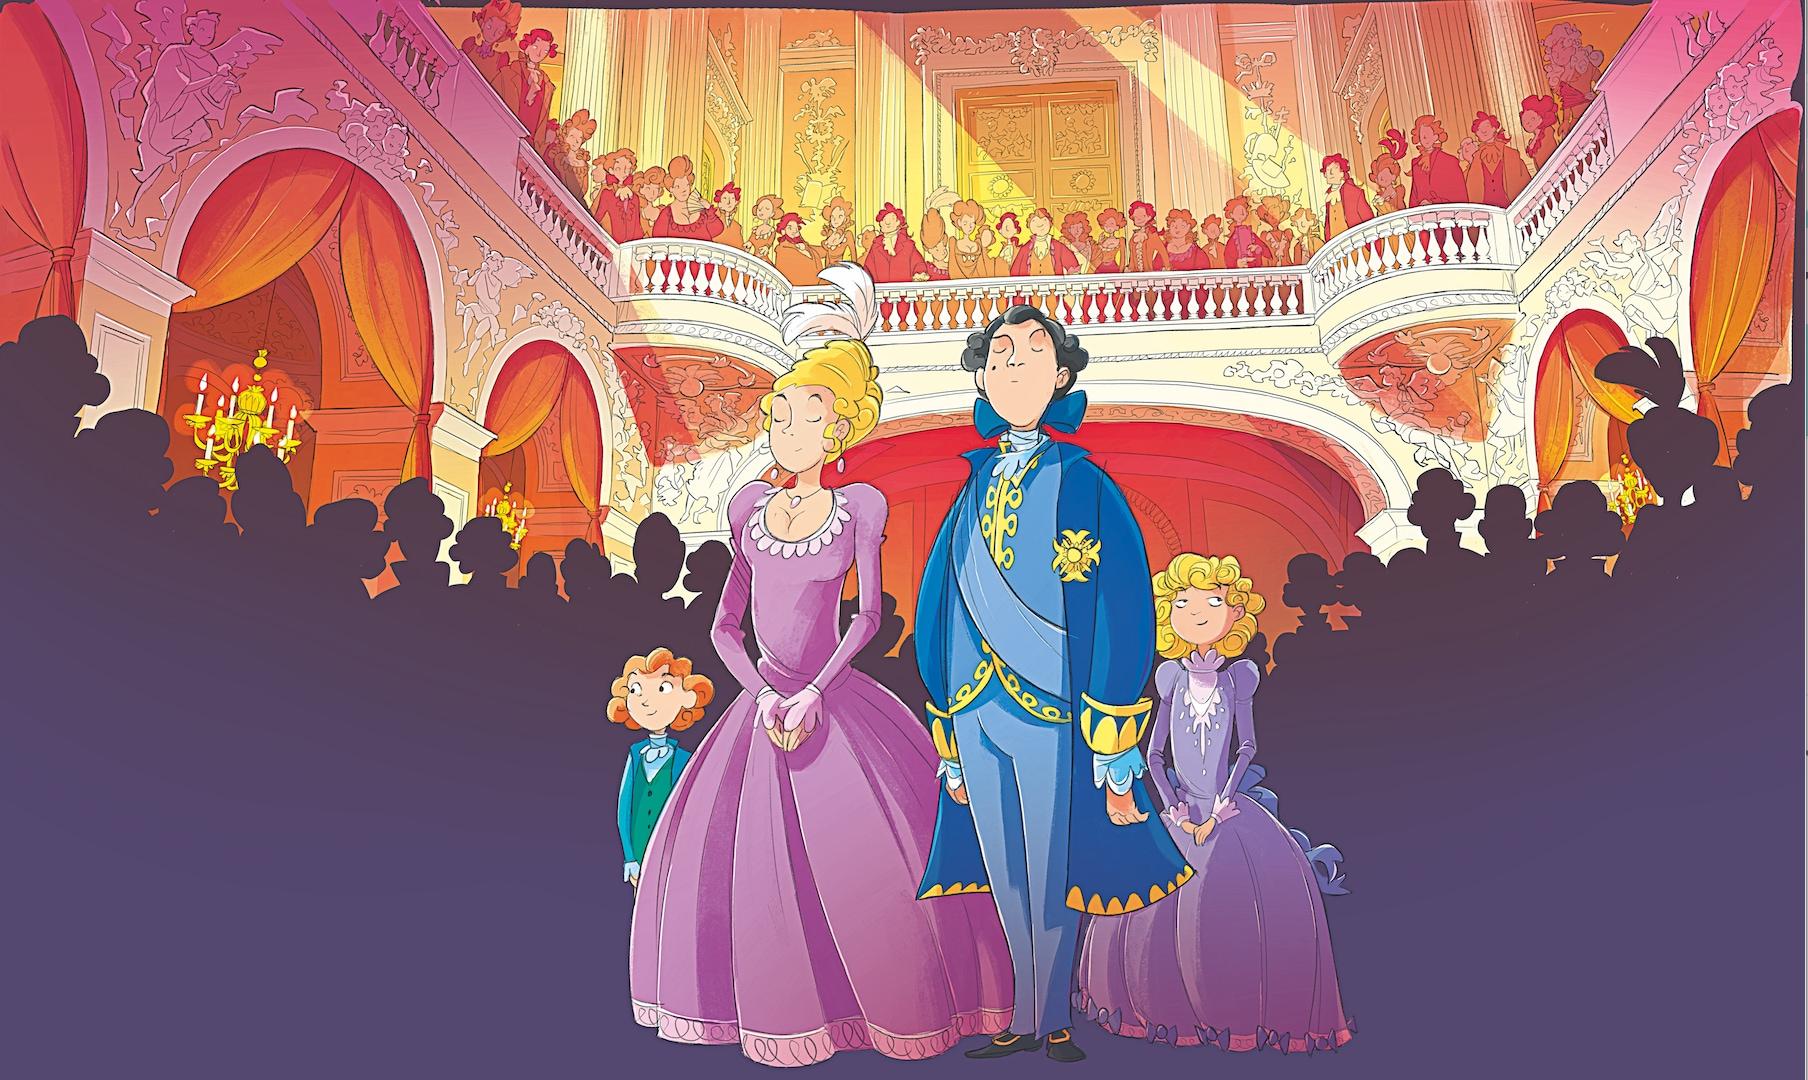 A spasso nel tempo: 24 ore nella reggia di Versailles, alla corte di Francia